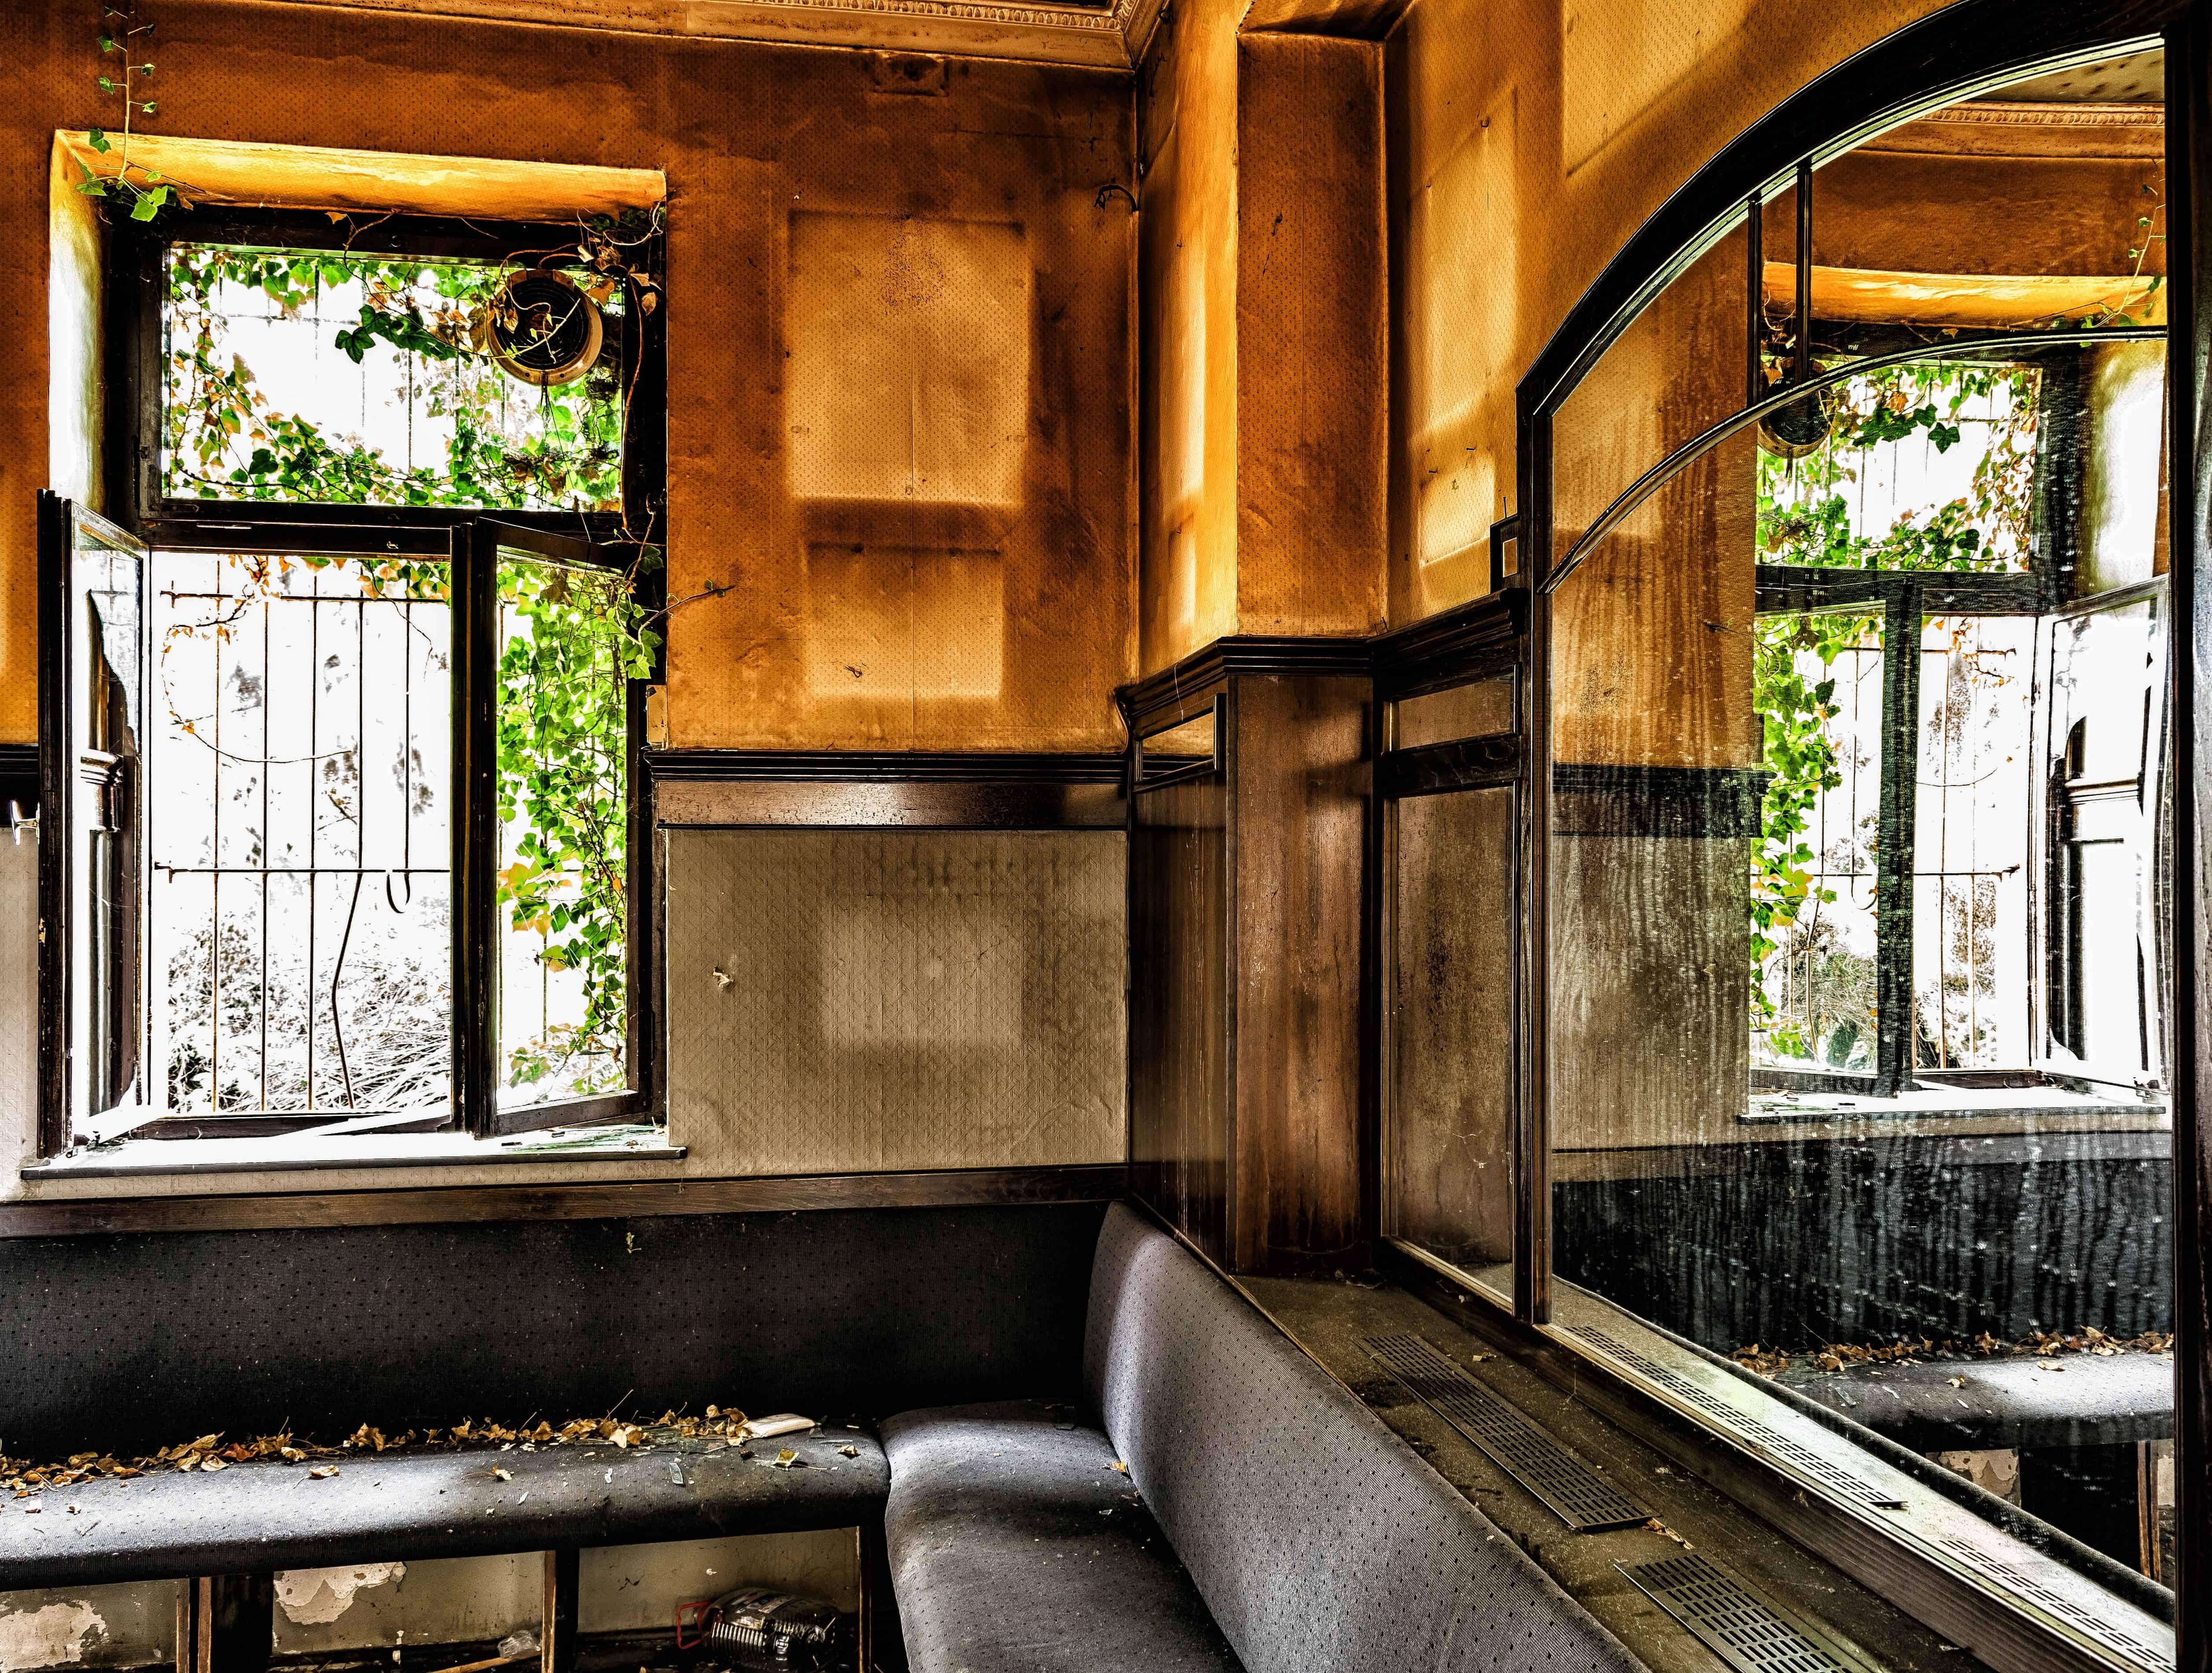 Image libre maison architecture fen tre int rieur for Architecture fenetre